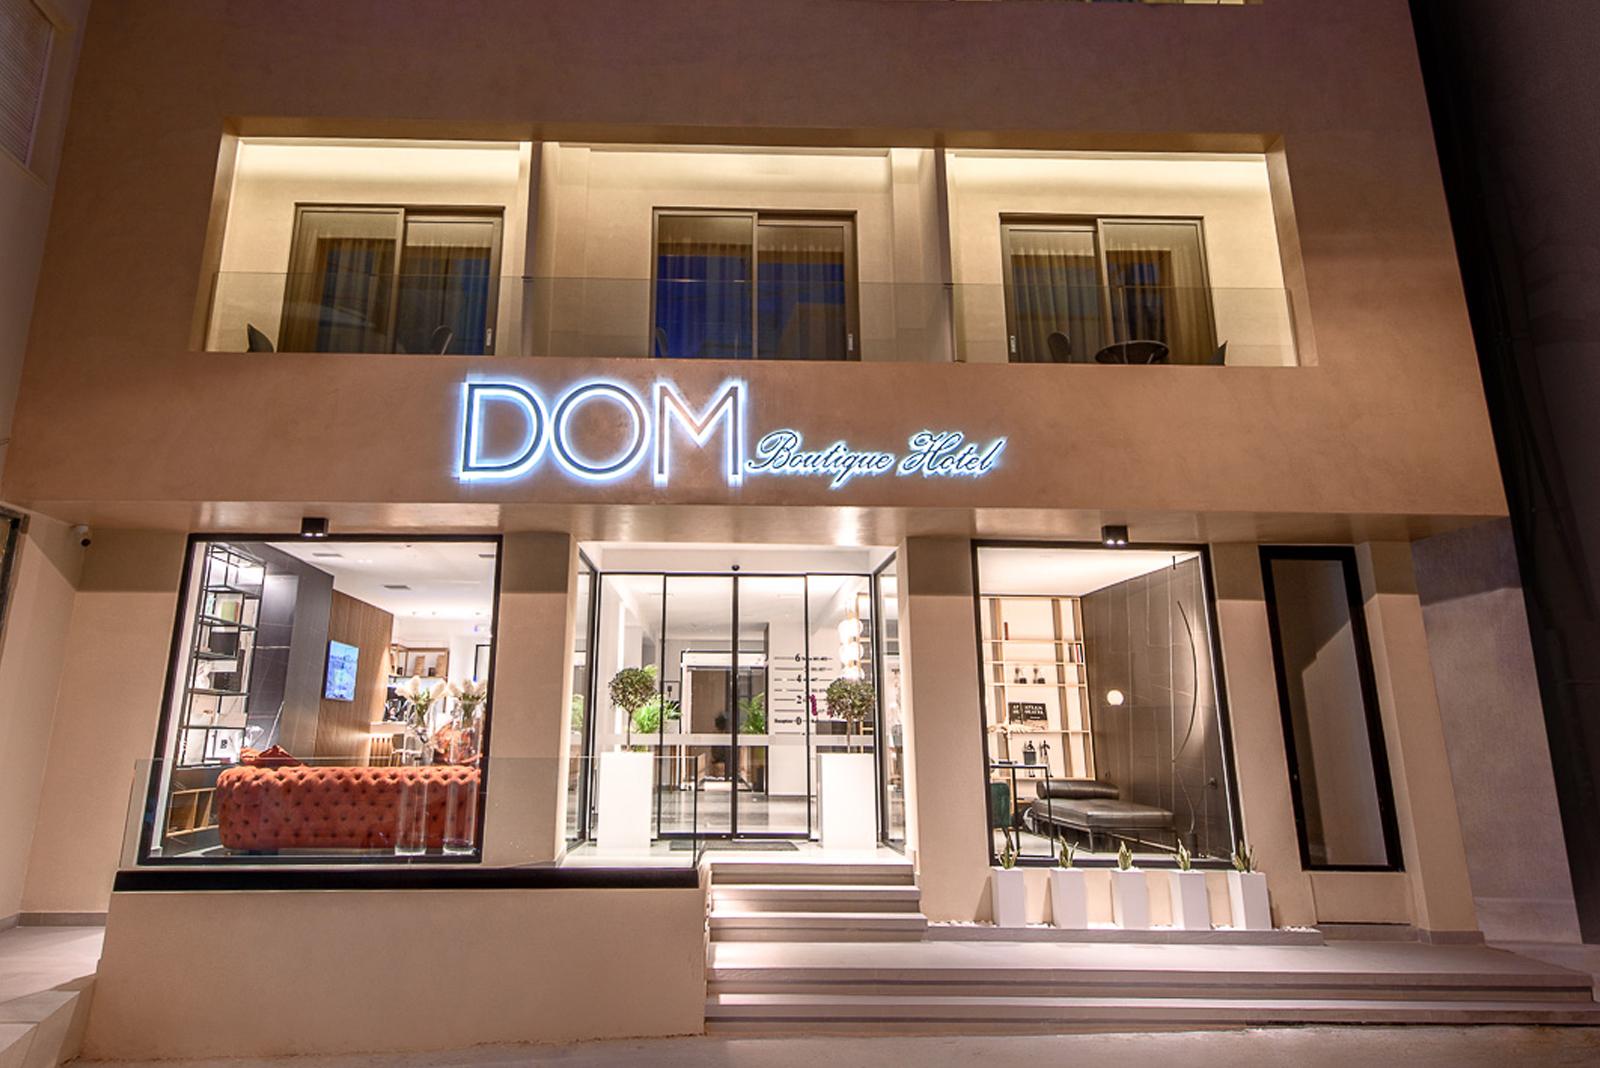 Dom Boutique